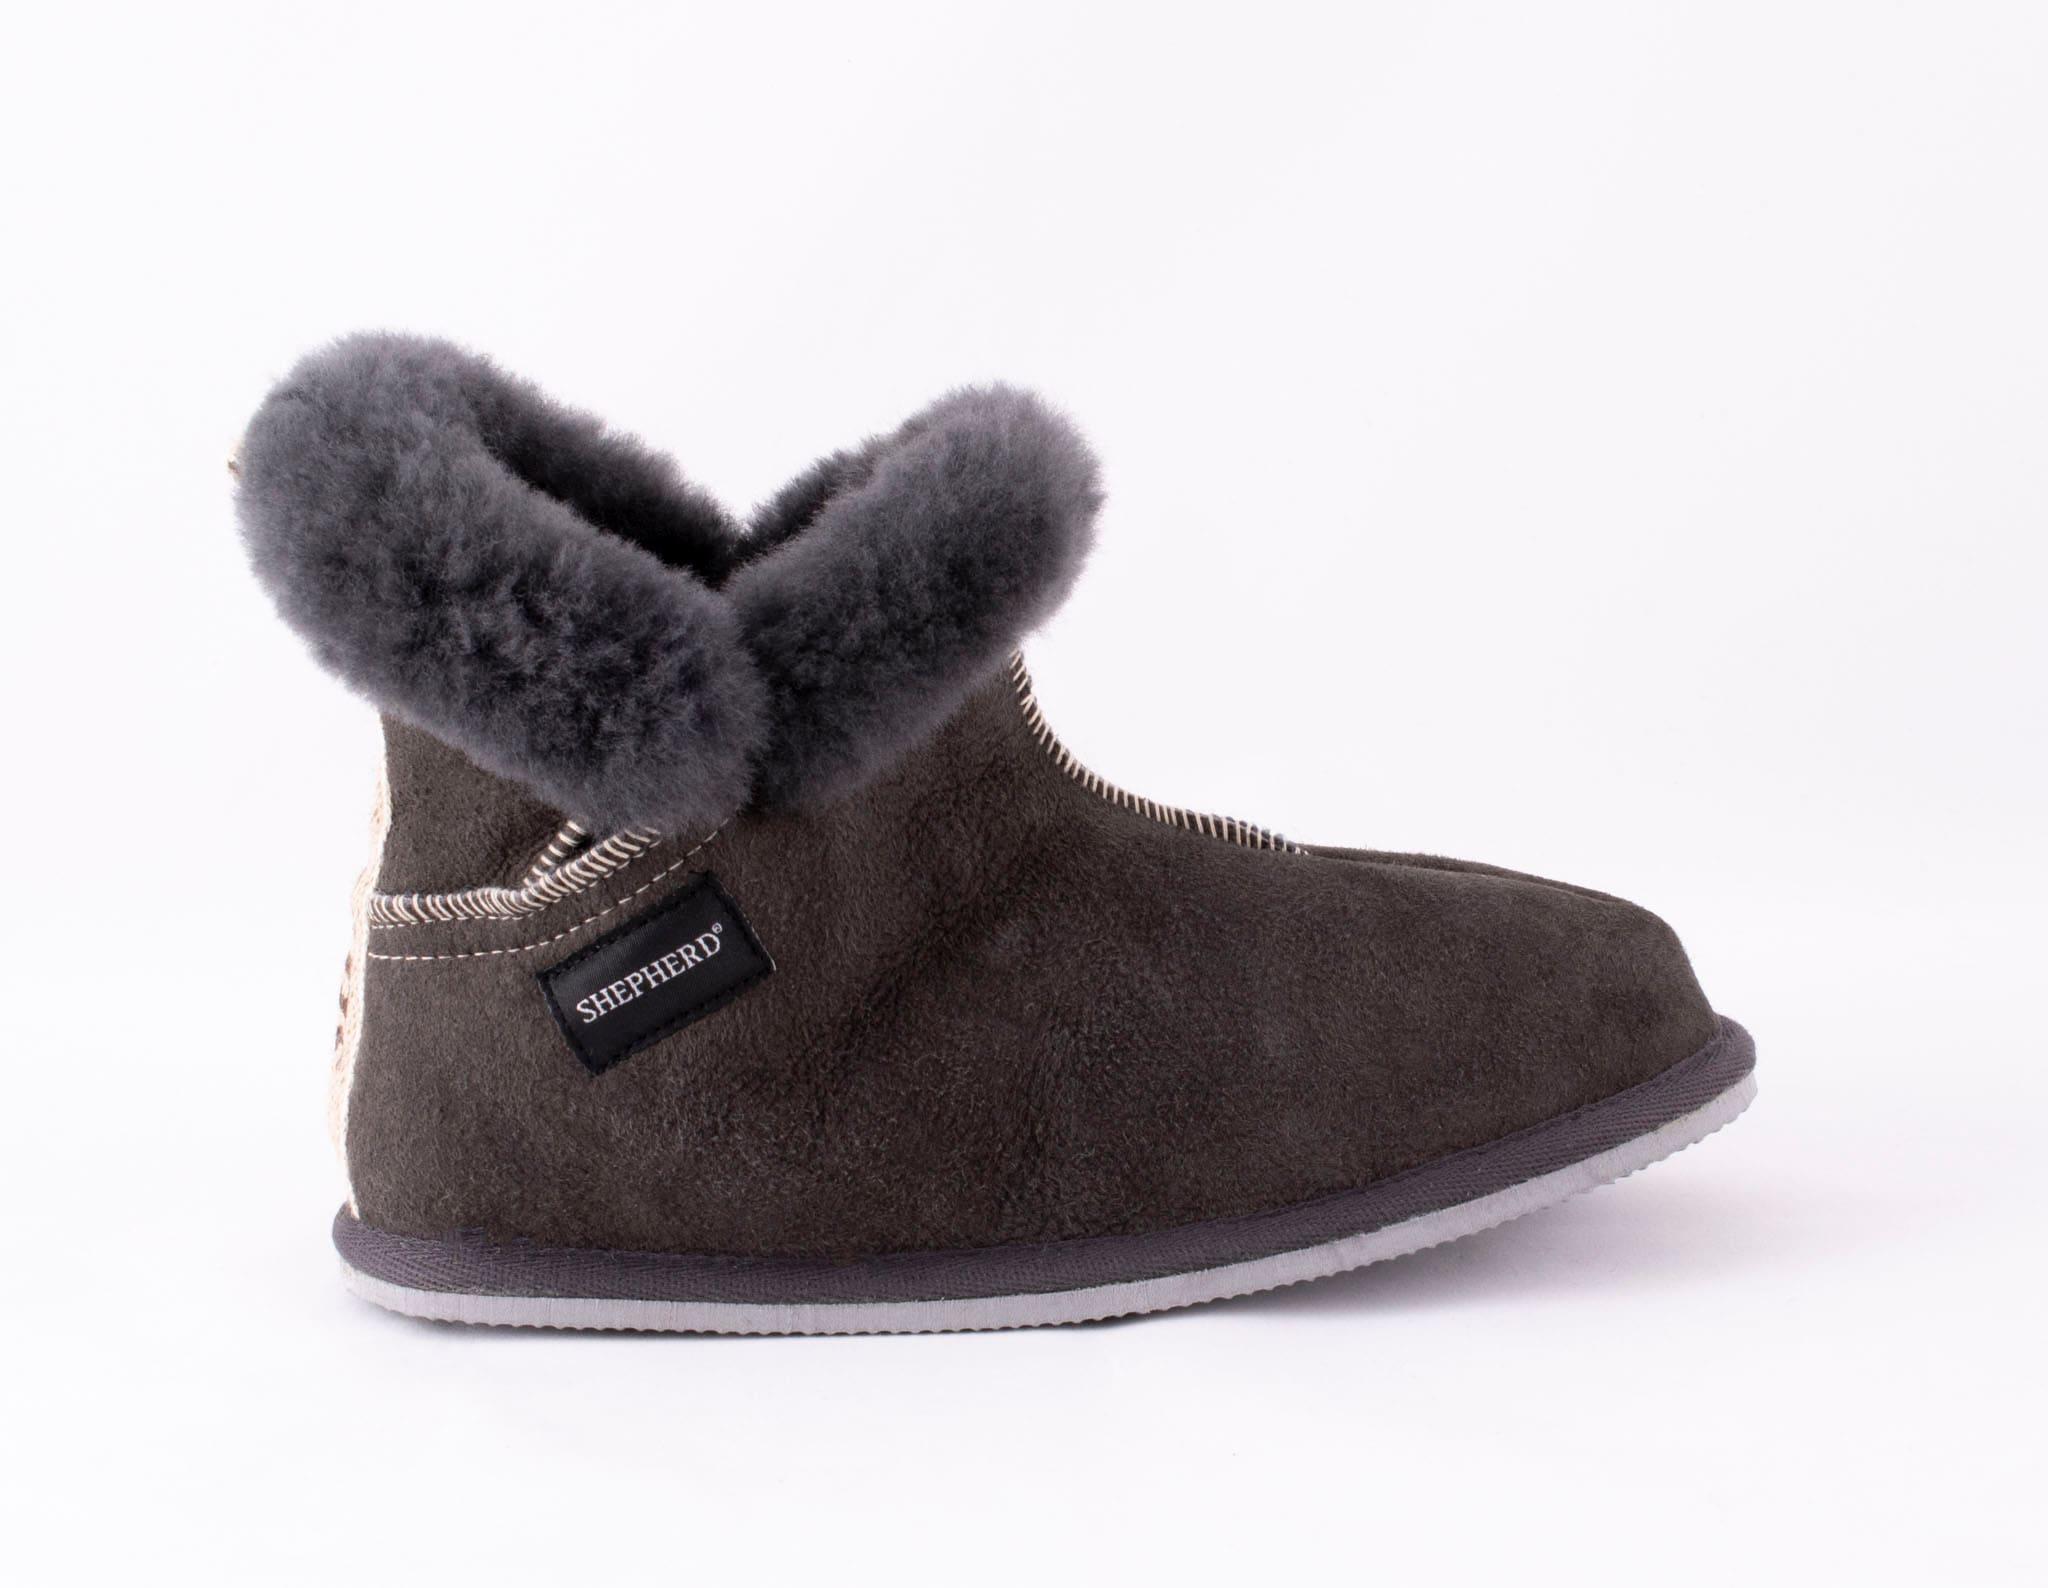 Bella, sheepskin slippers